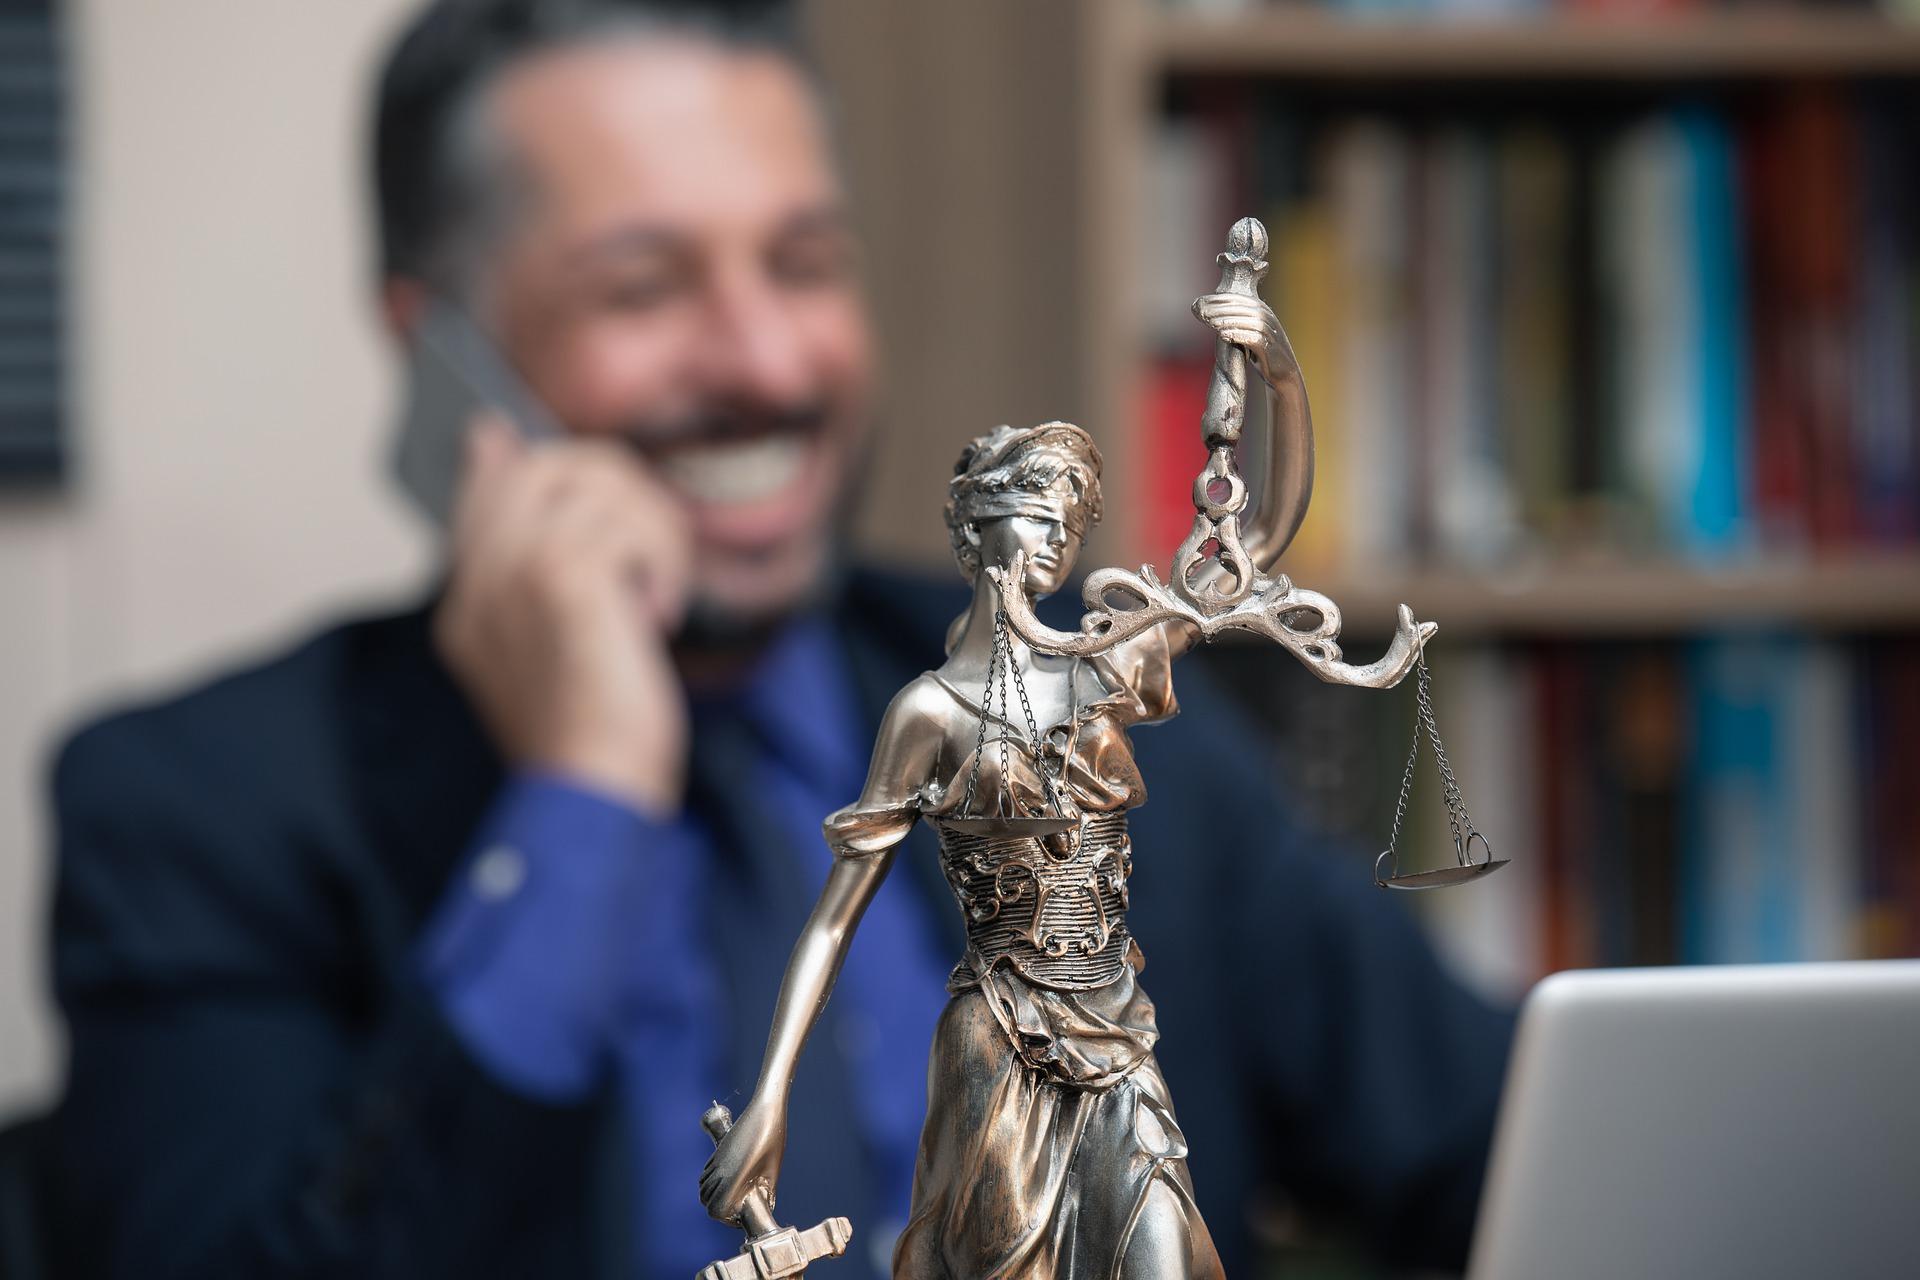 Prawnik rozwiązuje problemy ludzi